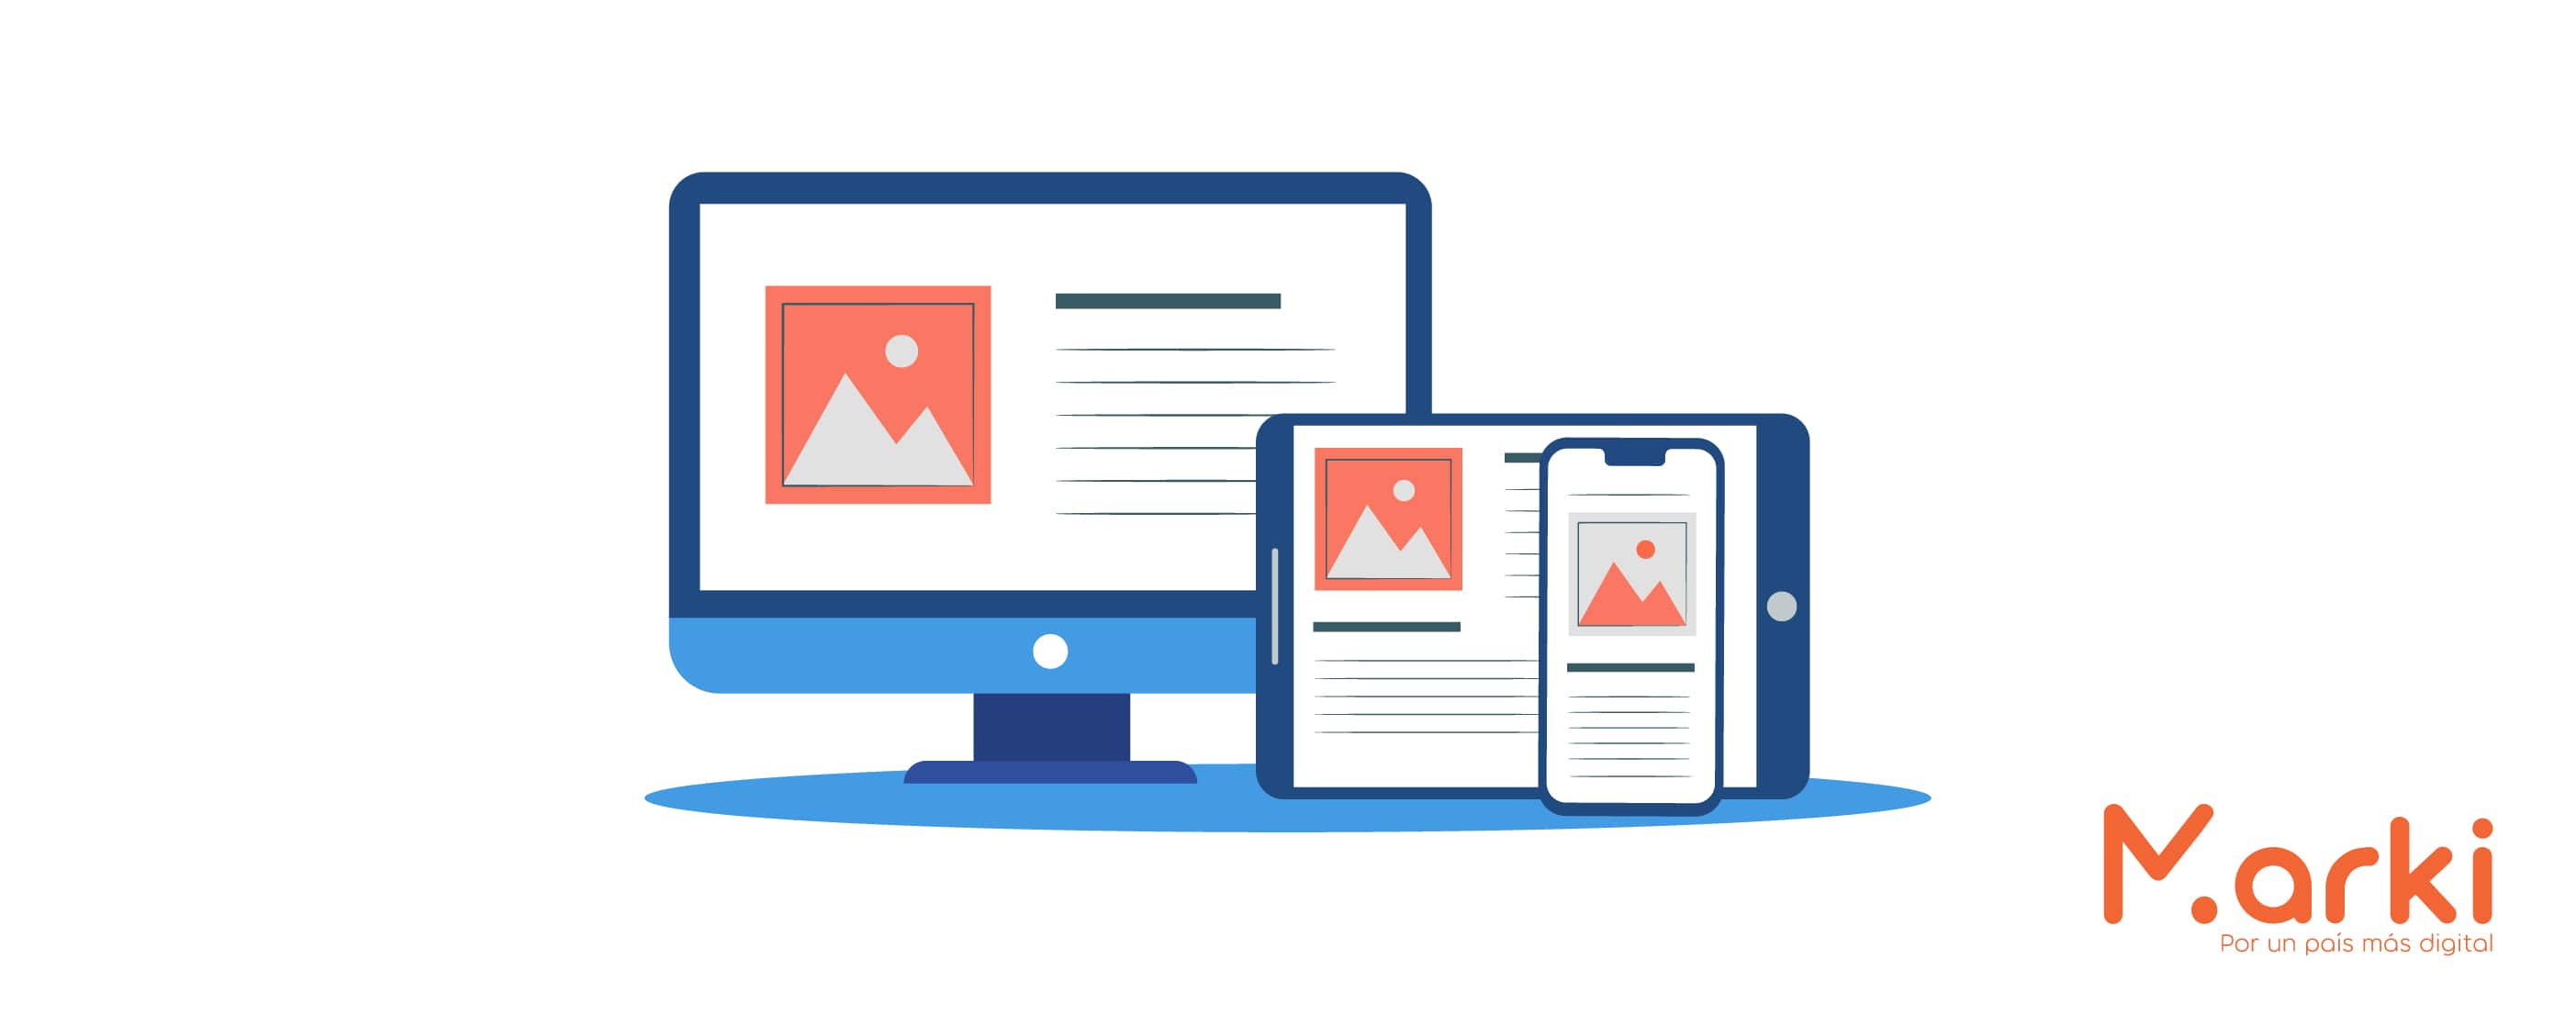 autopark superstore seo seo que es y como funciona seo como funciona mejorar posicionamiento web que significa seo en marketing digital como funciona el seo marki diseño marki voluntariado marki